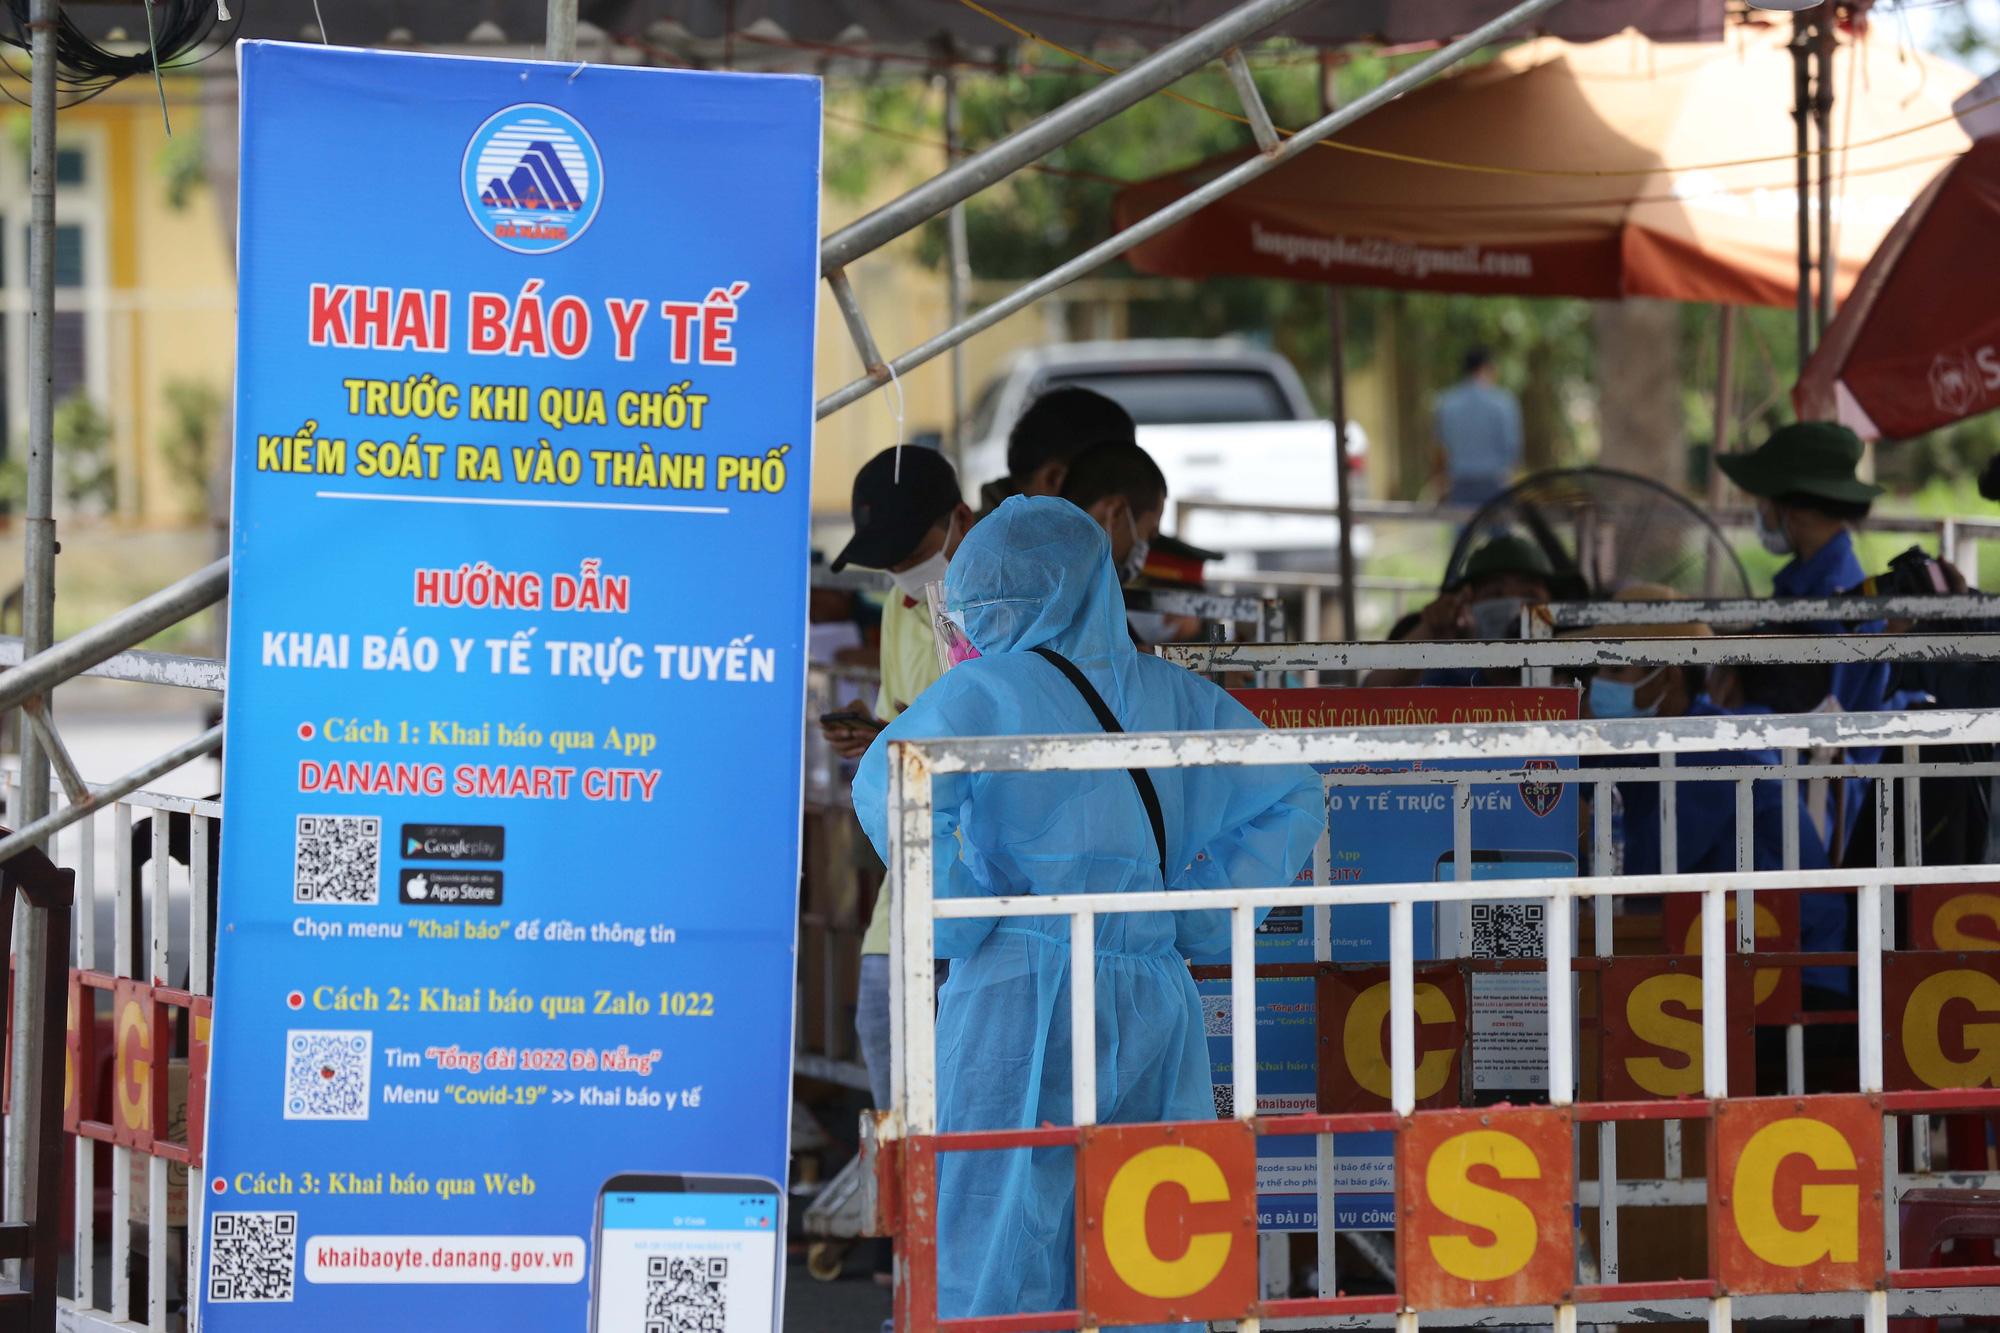 Đà Nẵng tăng cường phòng chống dịch tại các cơ sở kinh doanh dịch vụ lưu trú; Quảng Bình cách ly người đến từ vùng dịch - Ảnh 1.